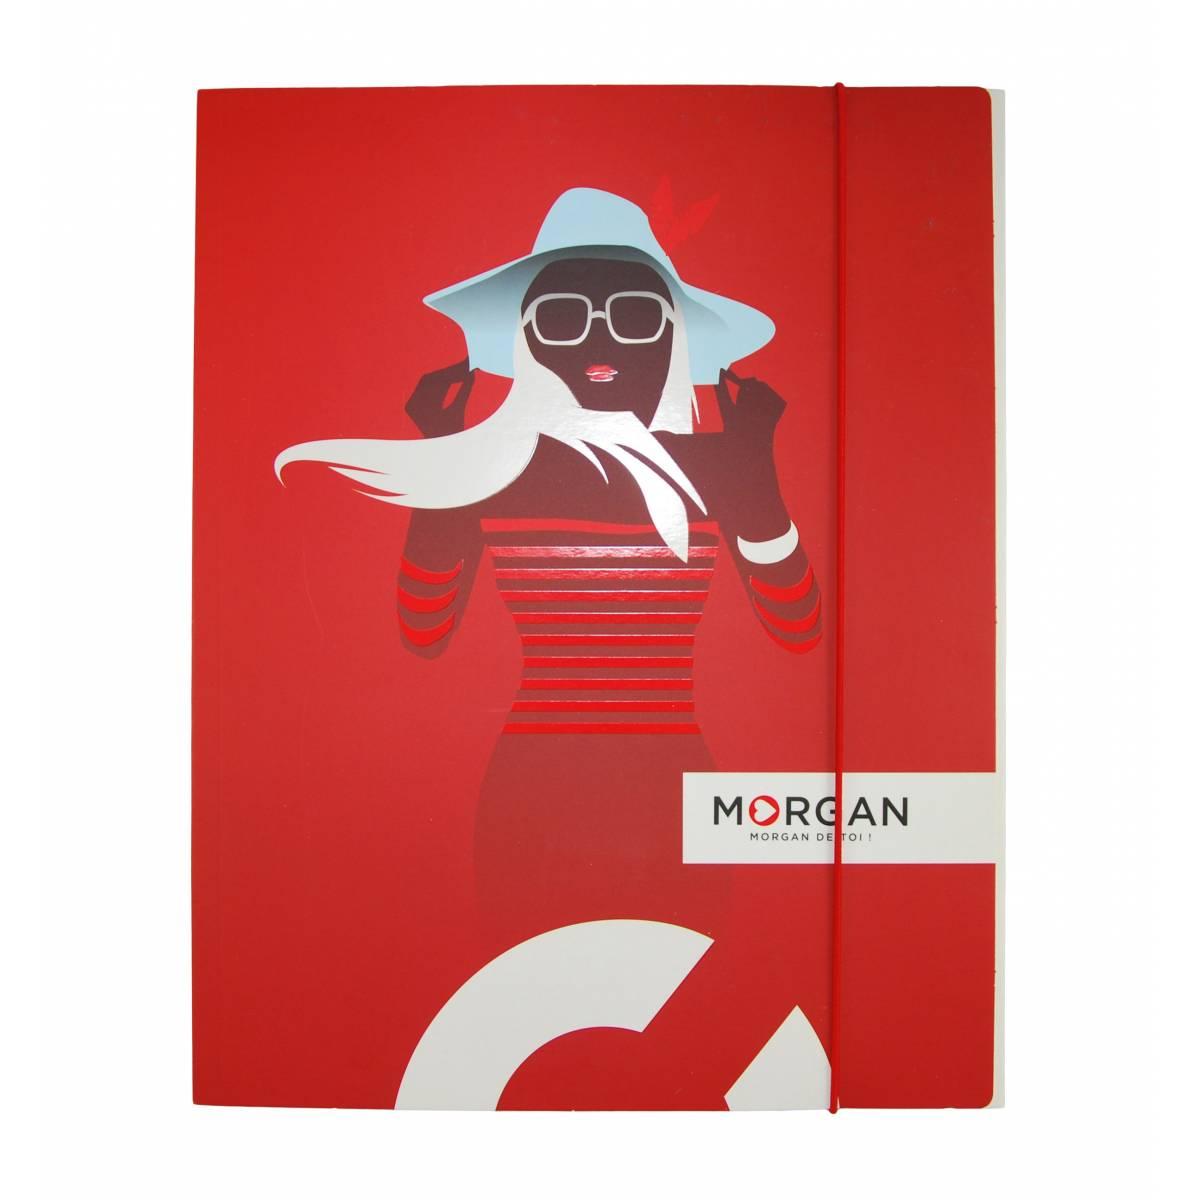 """Morgan - Chemise à élastique """"So What"""" avec rabat A4 - 24x32cm"""